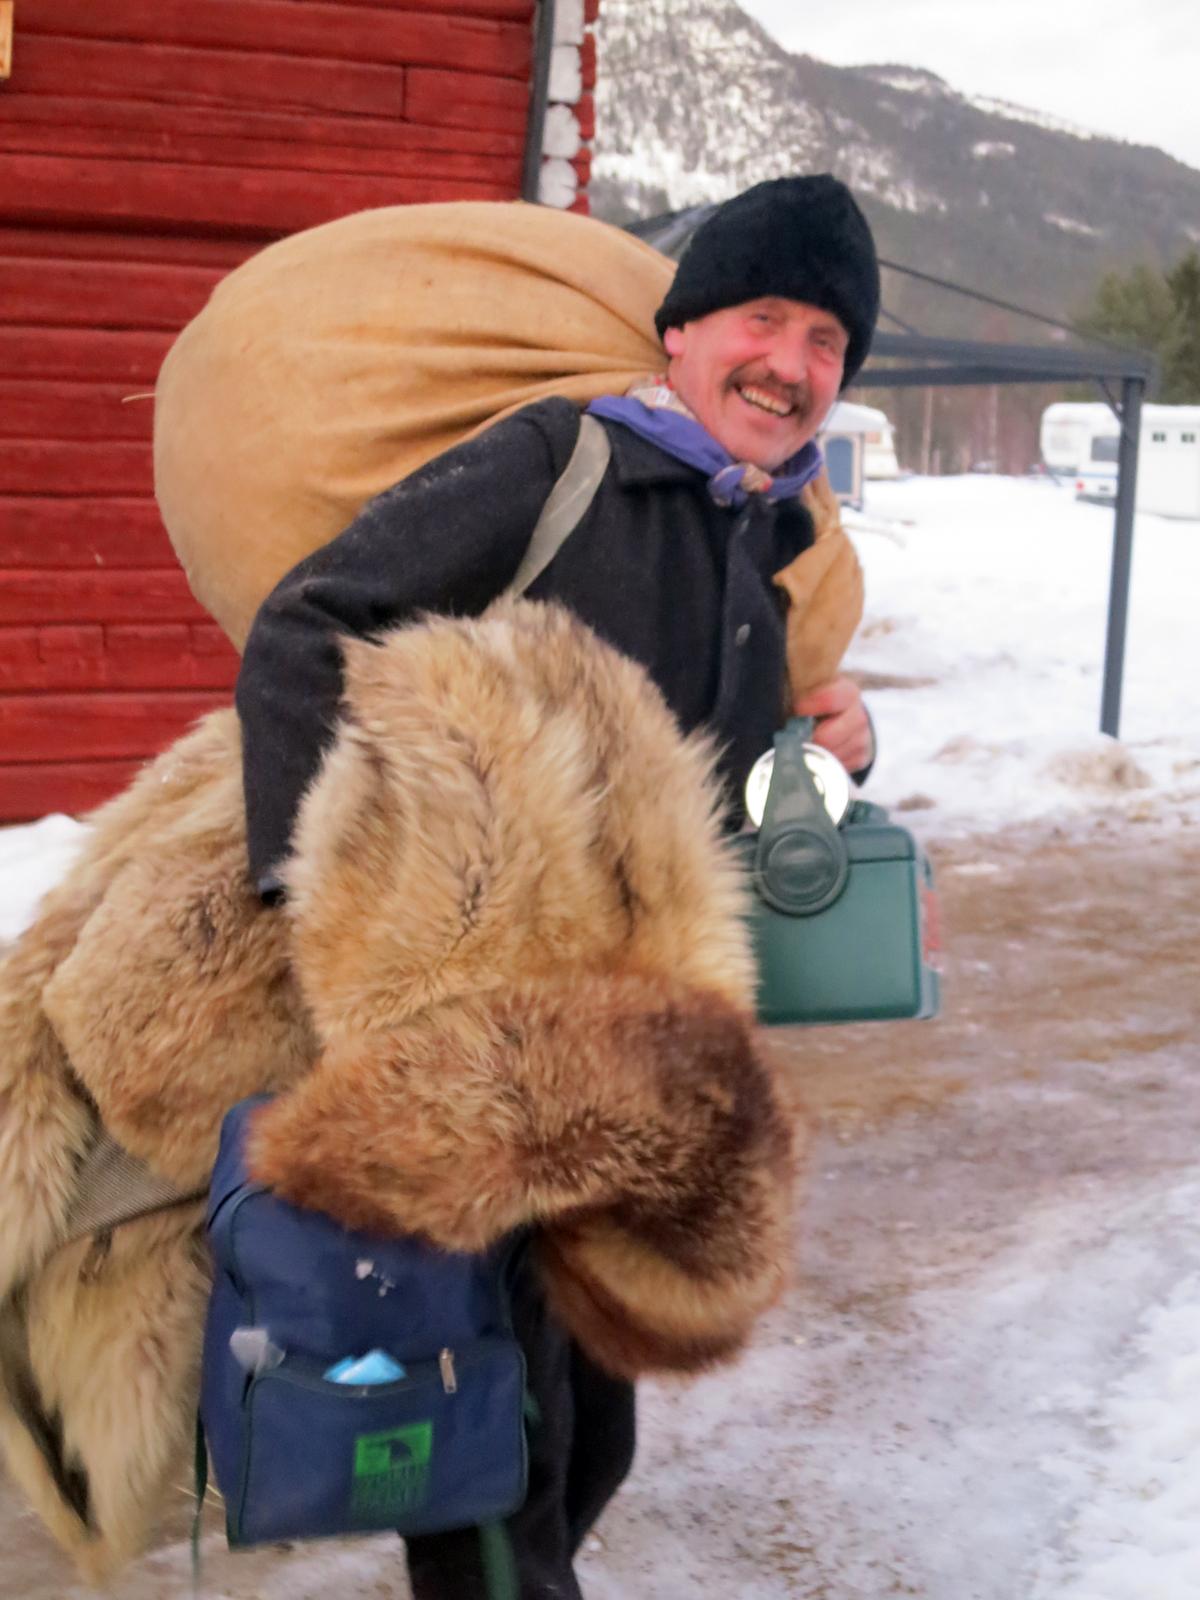 Pålessa lasskjører. Ola på tur med pjanket sitt for å finne hytta han skal bo i for natta. Foto: Karine Bogsti